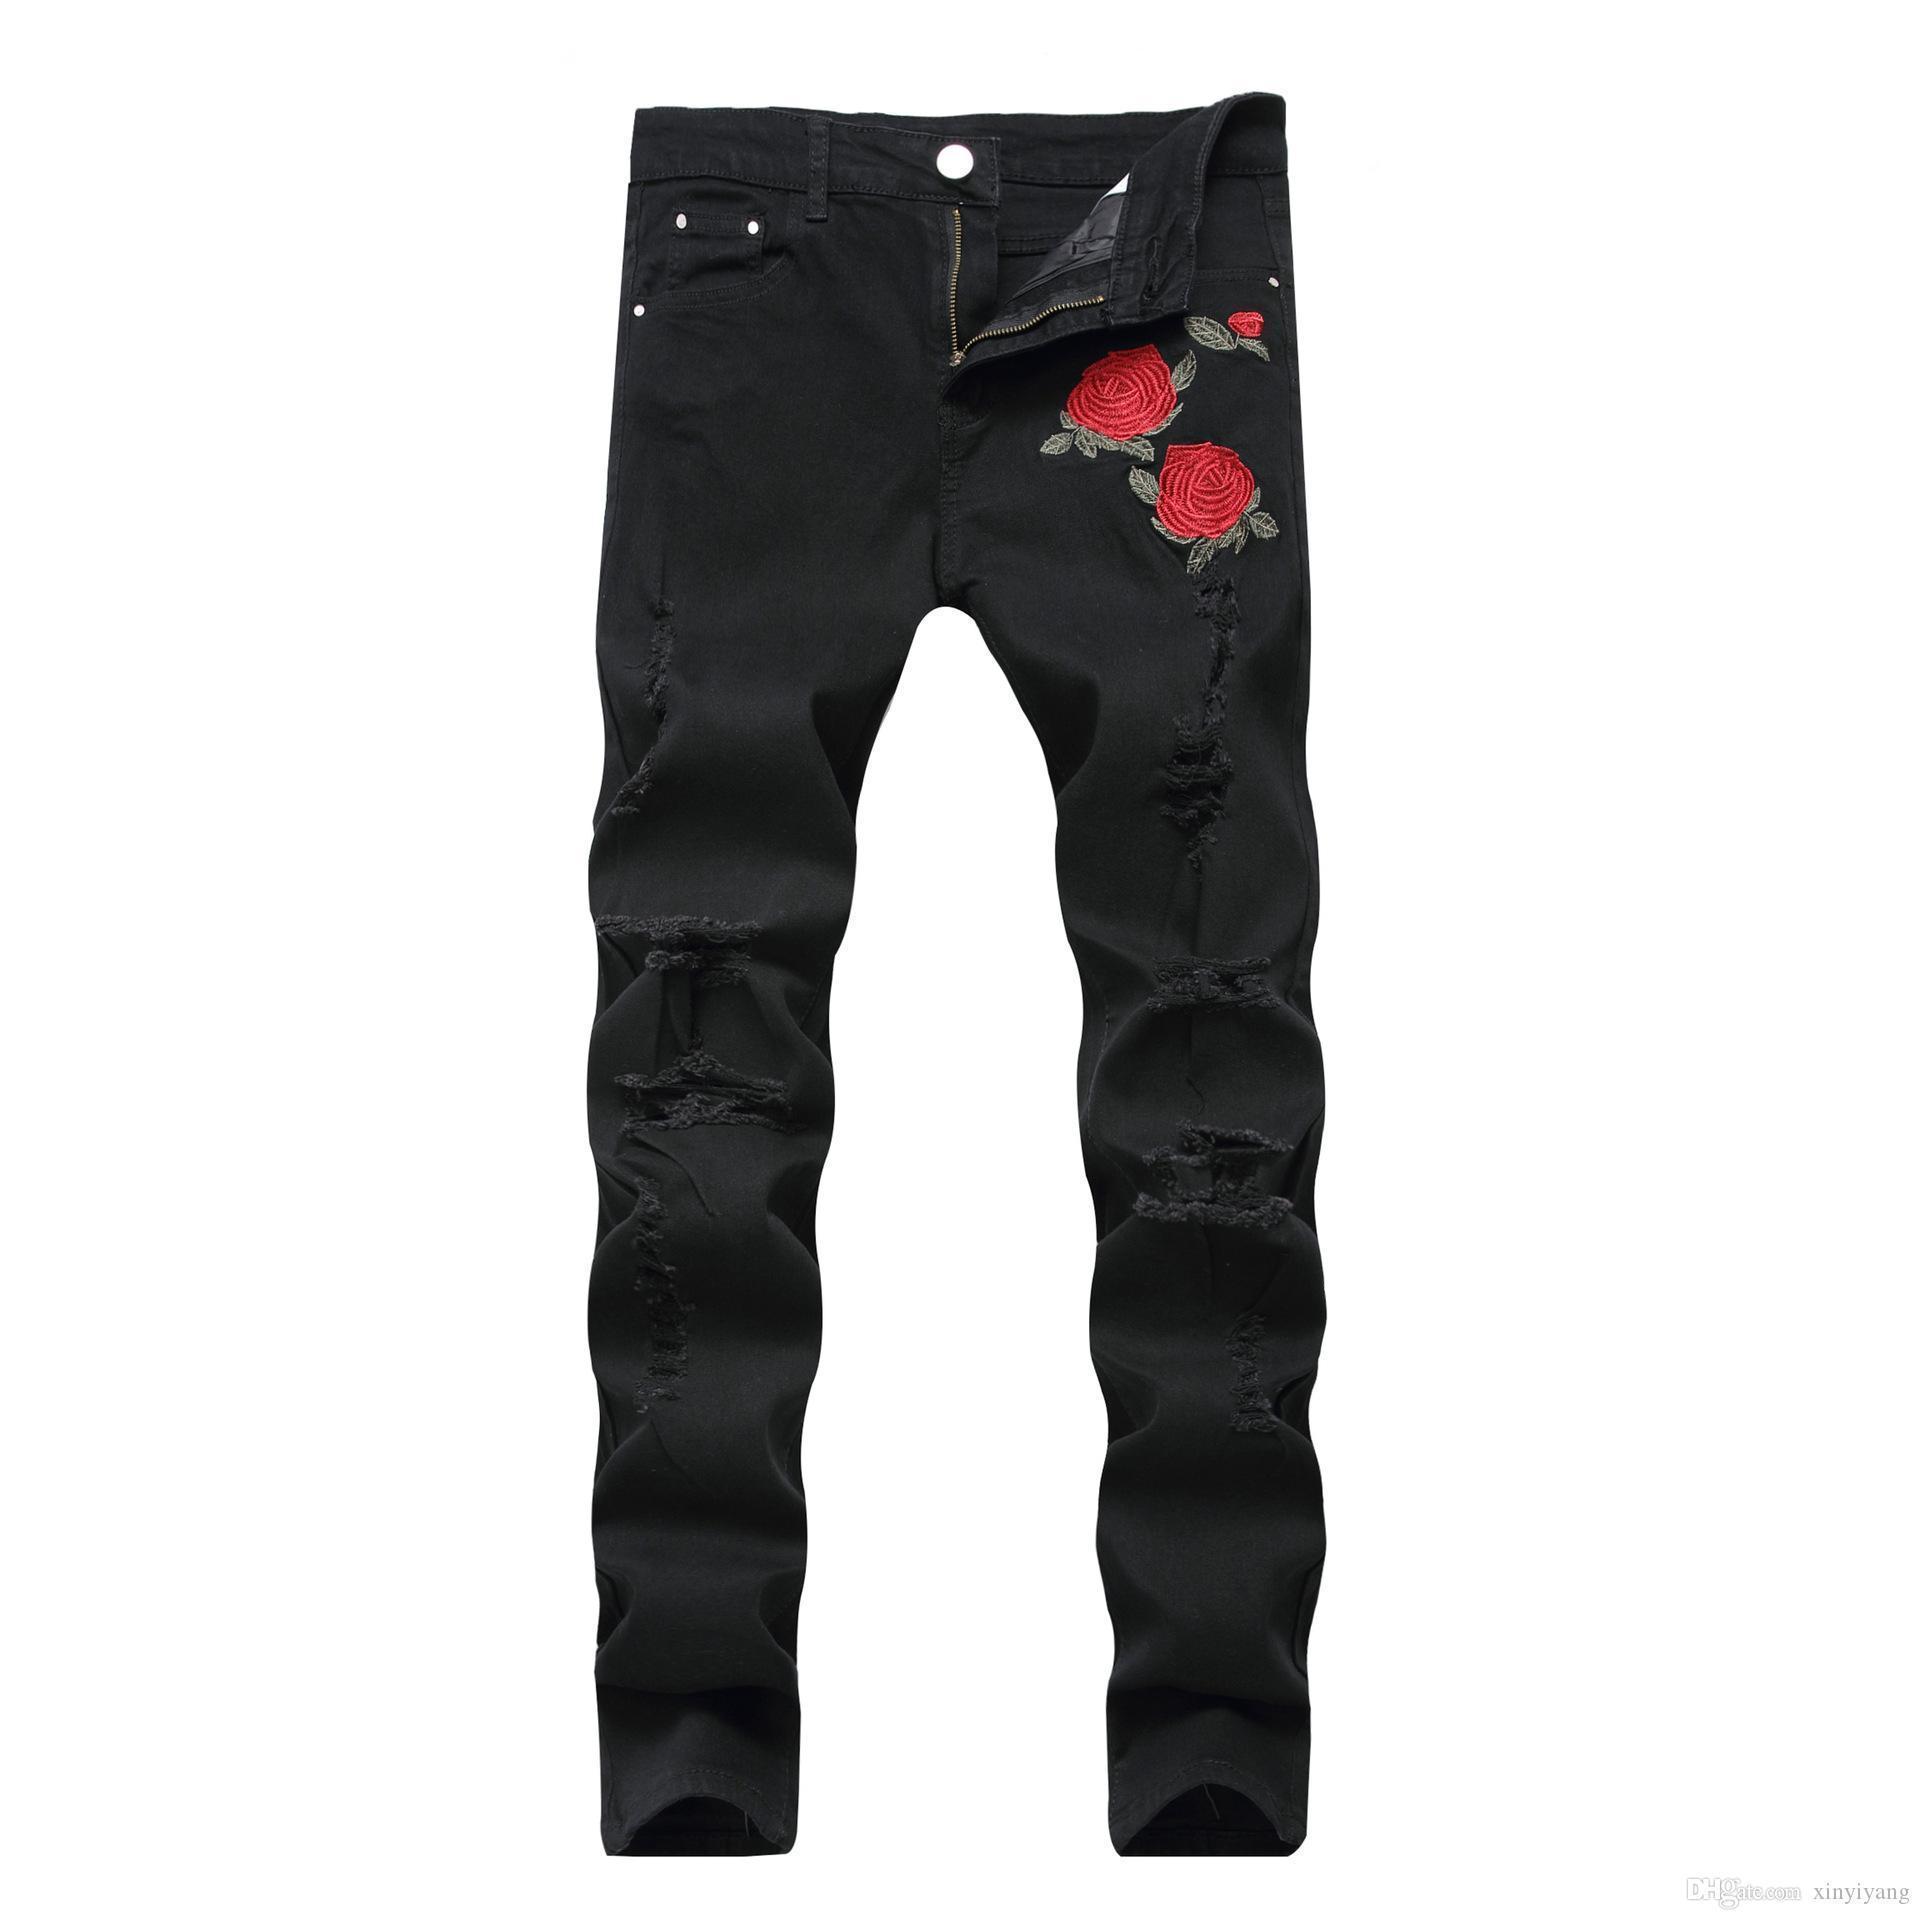 dos homens por atacado Rosas bordado denim furo Jeans luz azul calças rasgadas Black Jeans Skinny Calças New Men frete grátis